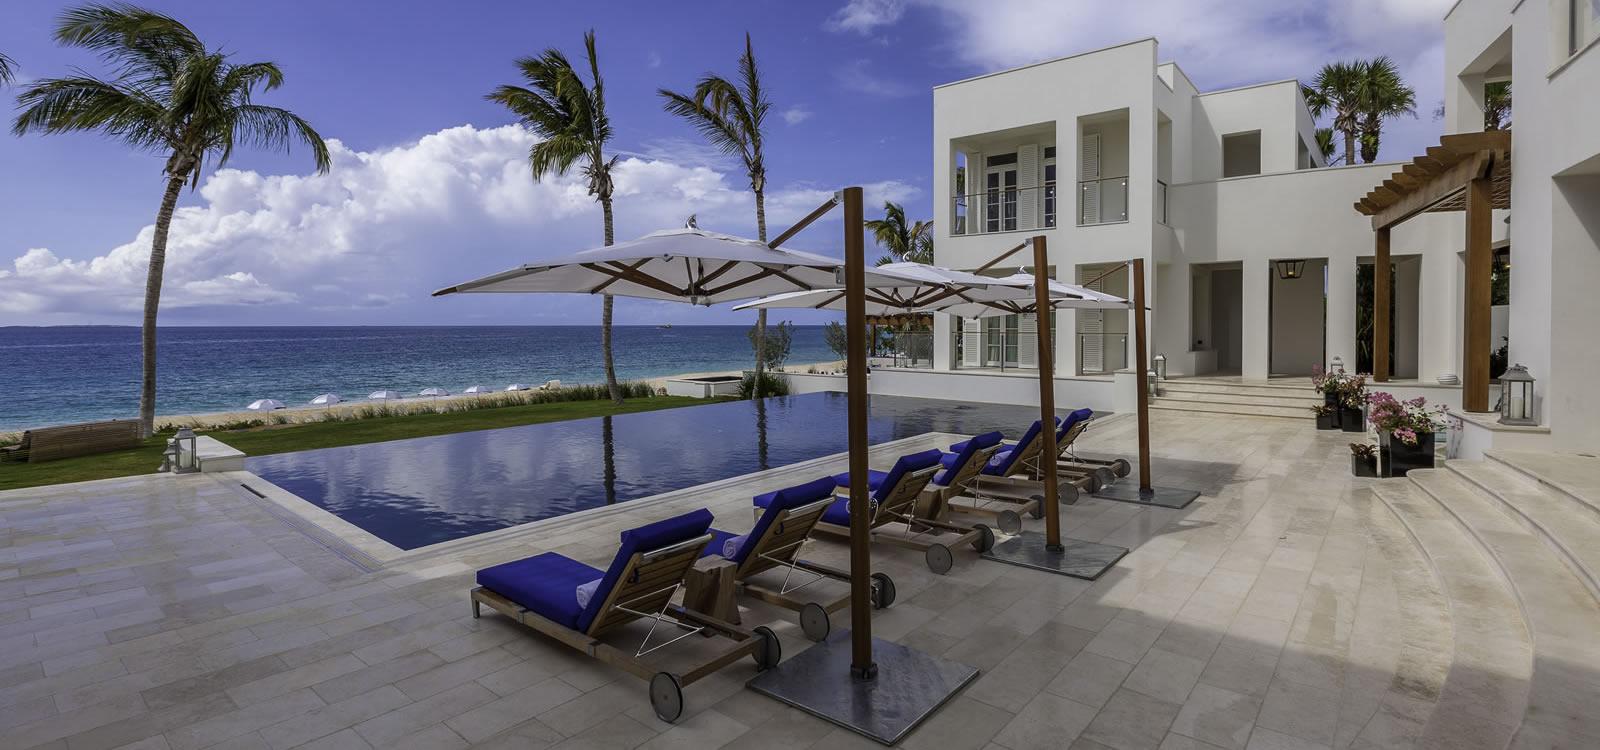 Anguilla Barnes Bay Ultra Luxury Beachfront Villa For Sale